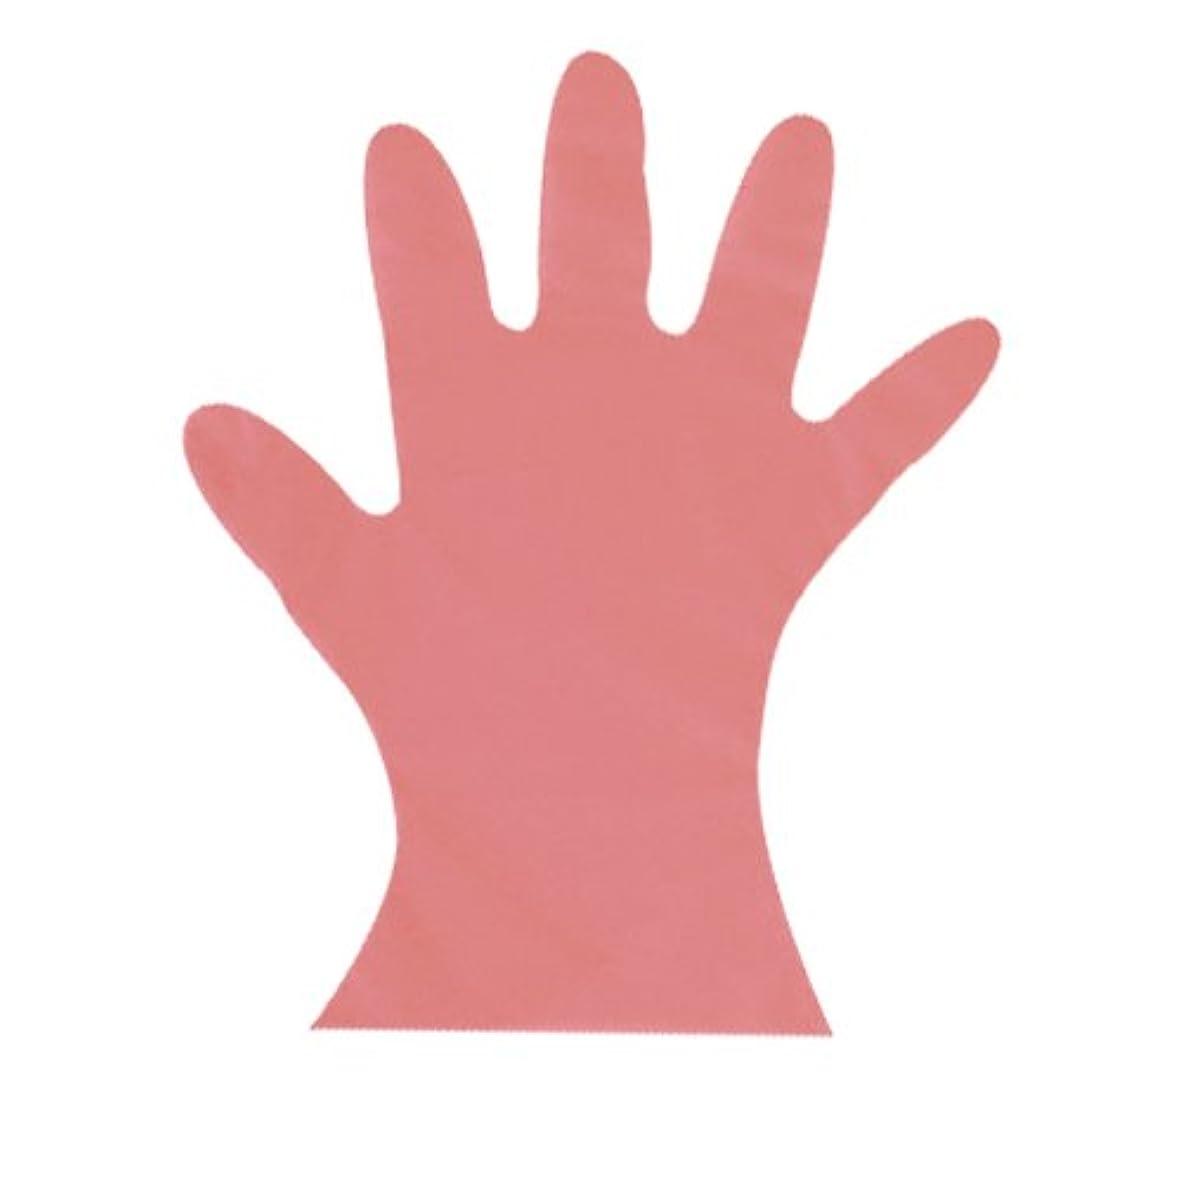 スパイ約ズームインするカラーマイジャストグローブ #28 化粧箱(5本絞り)200枚入 ピンク M 27μ